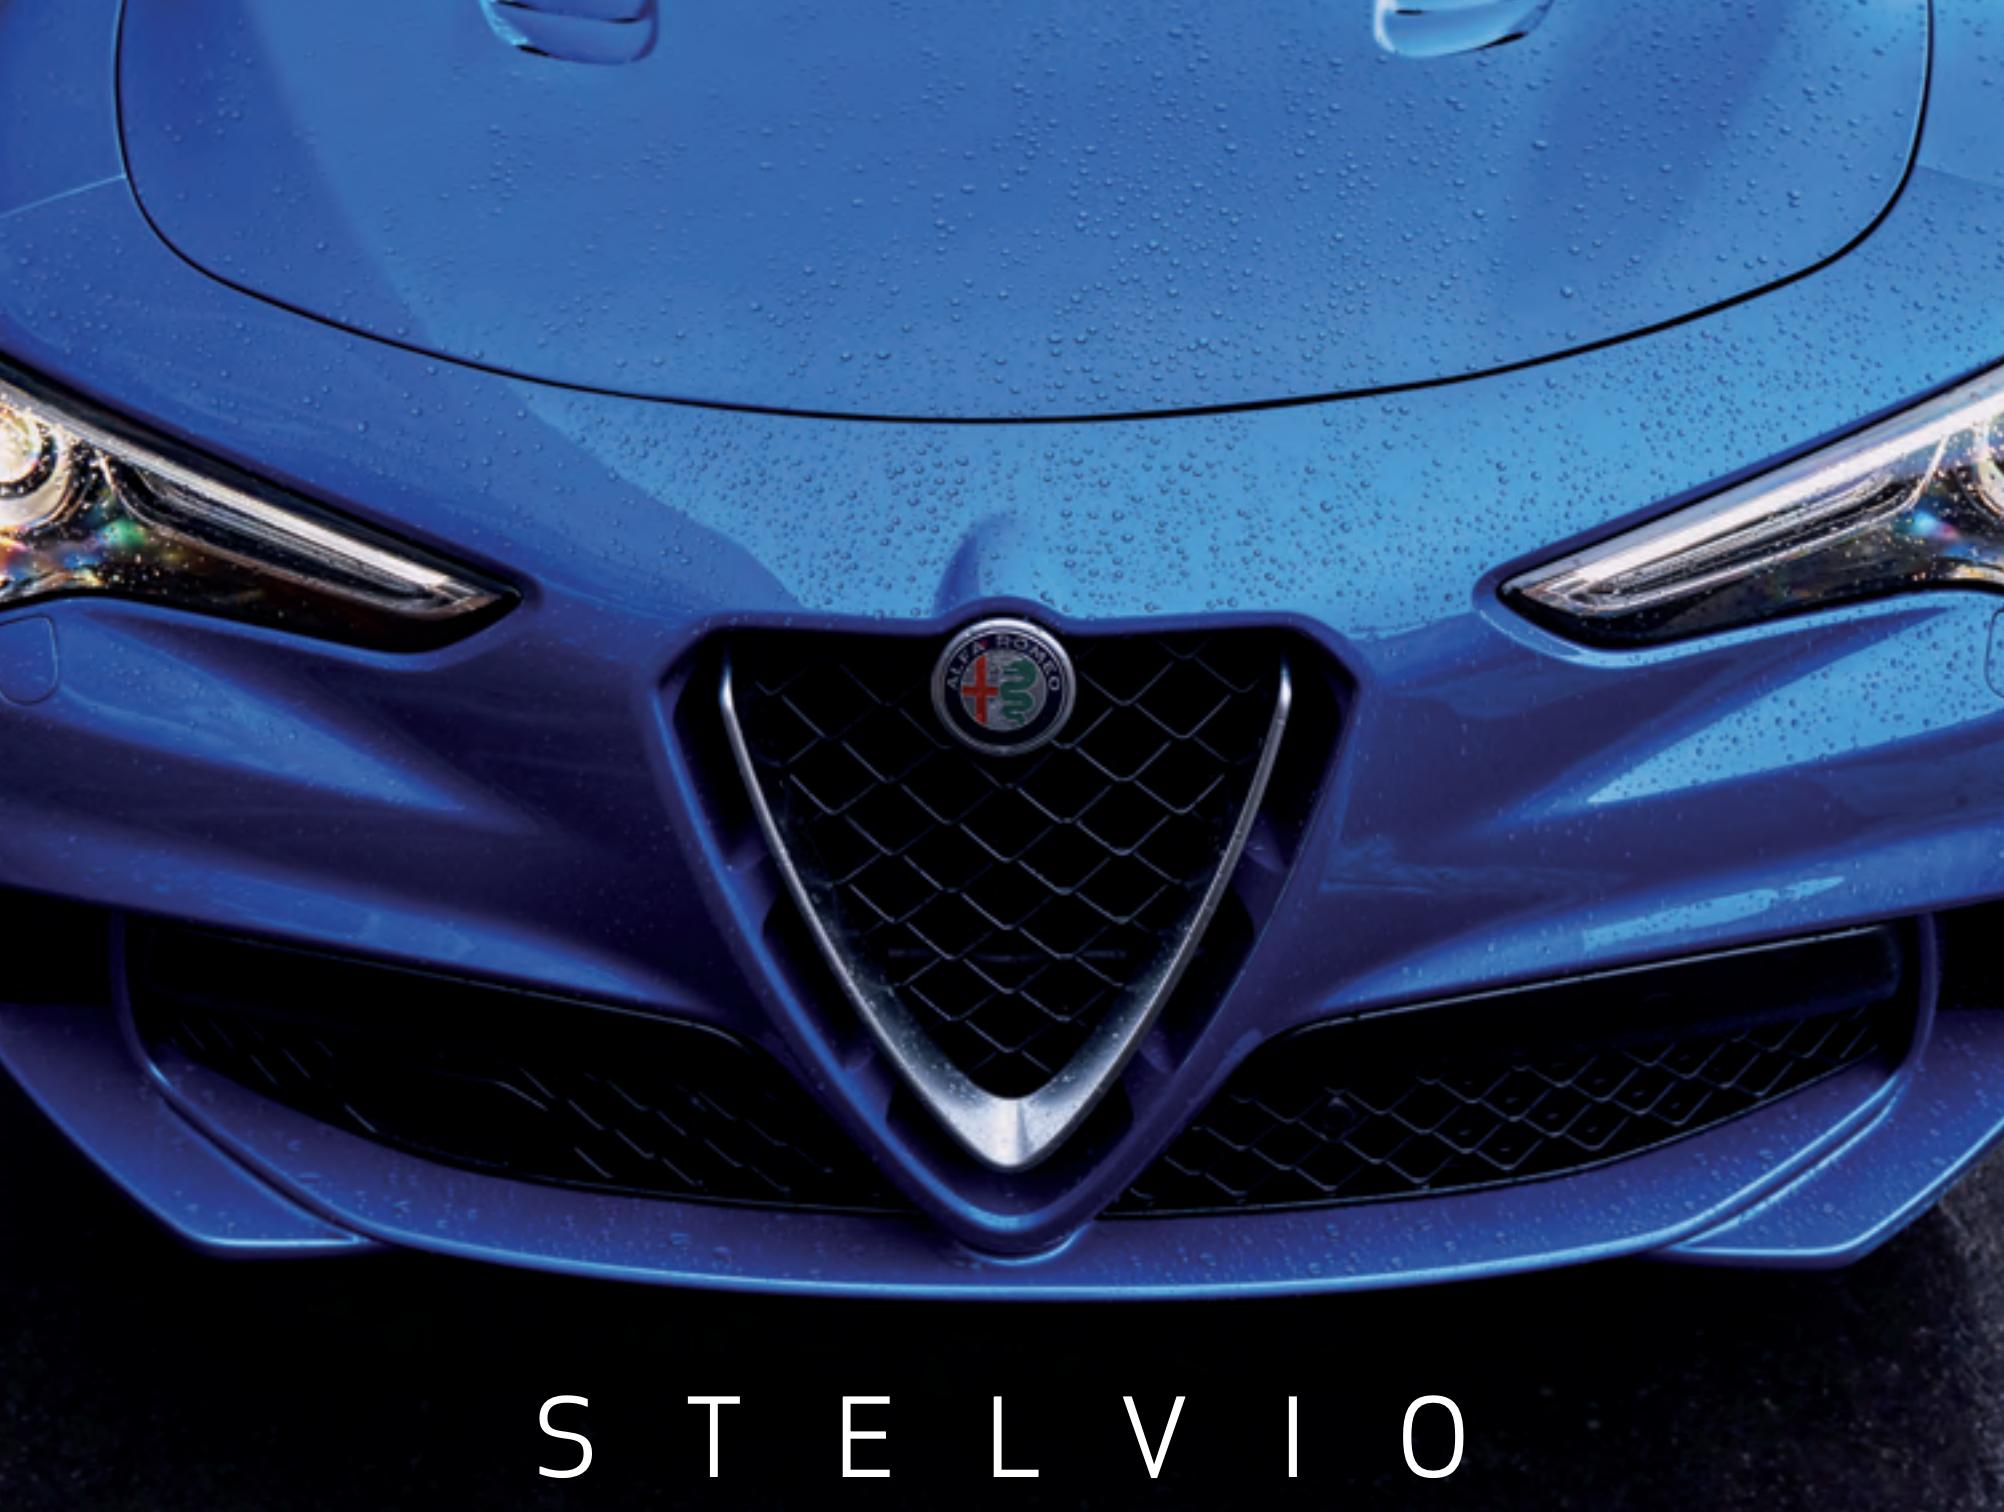 Alfa Romeo Stelvio brochure